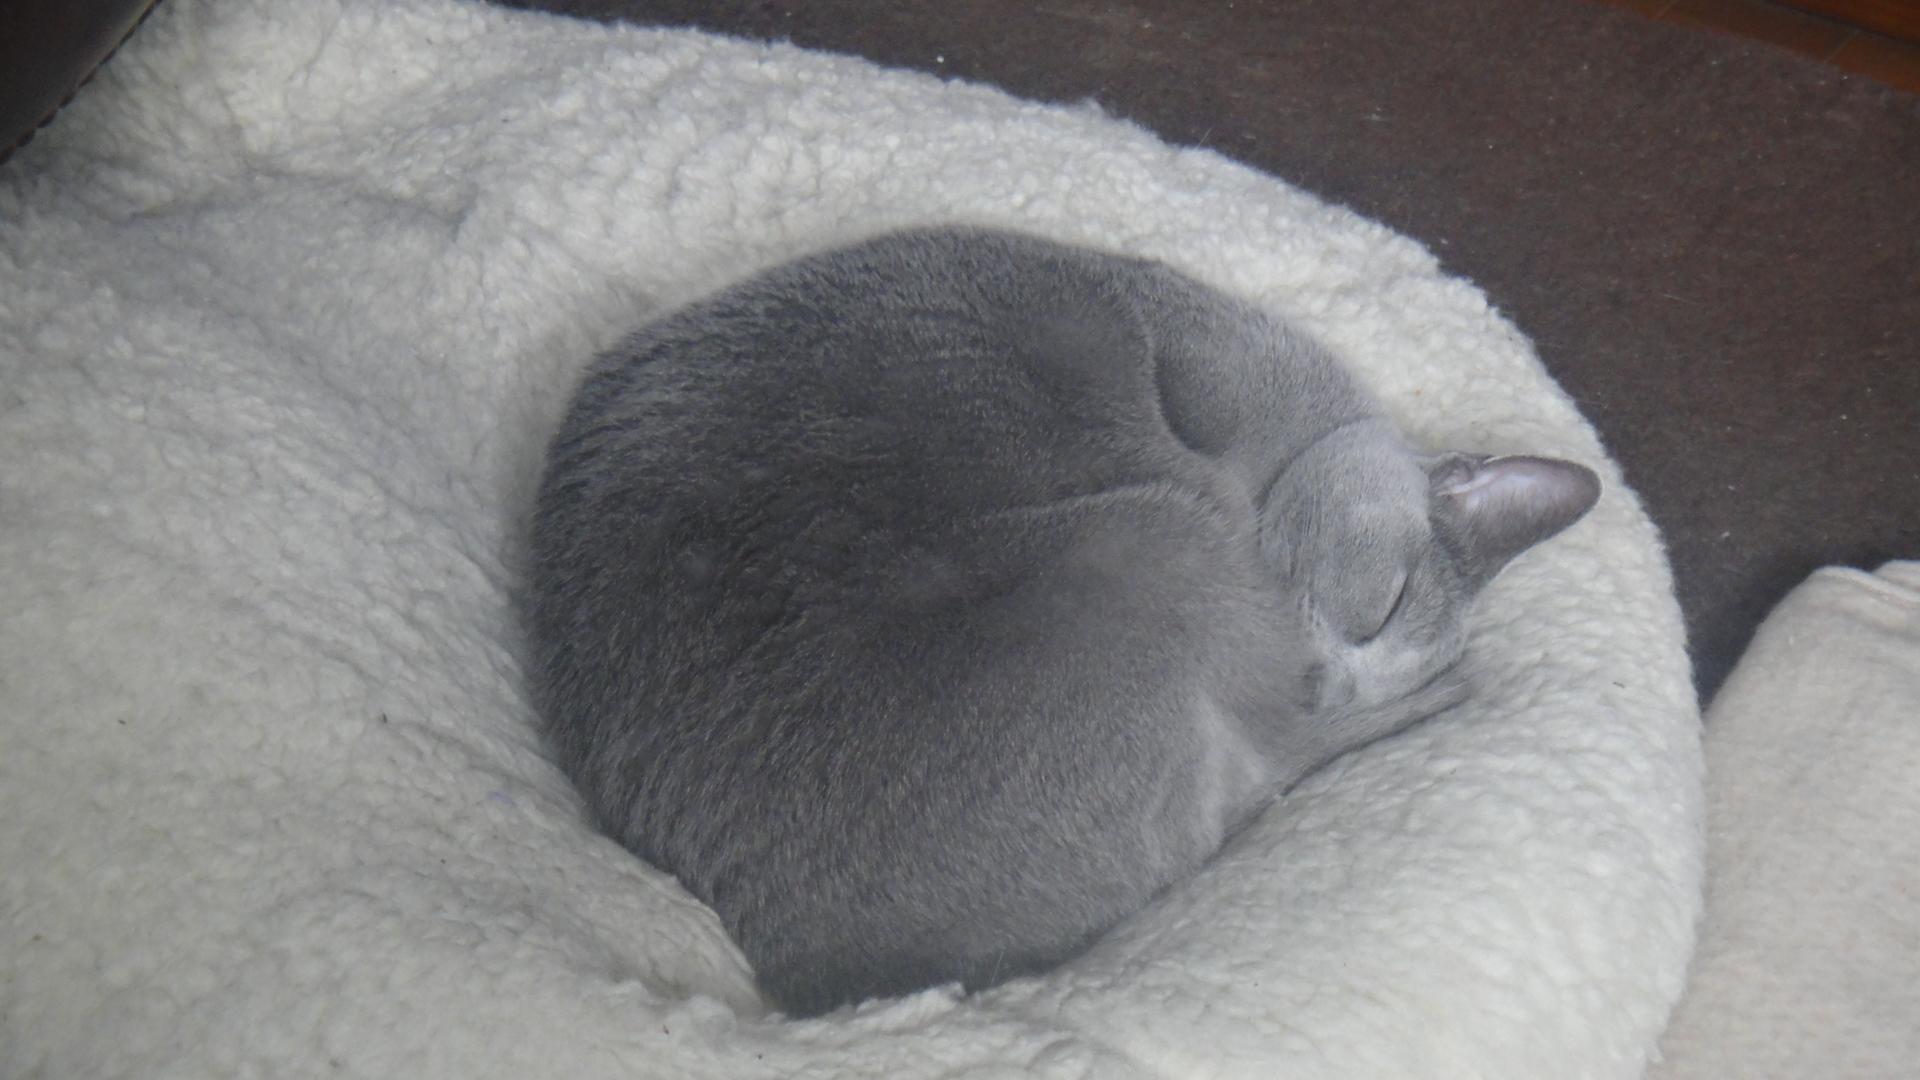 暖かくて柔らかいクッションの上で寝るデイジー